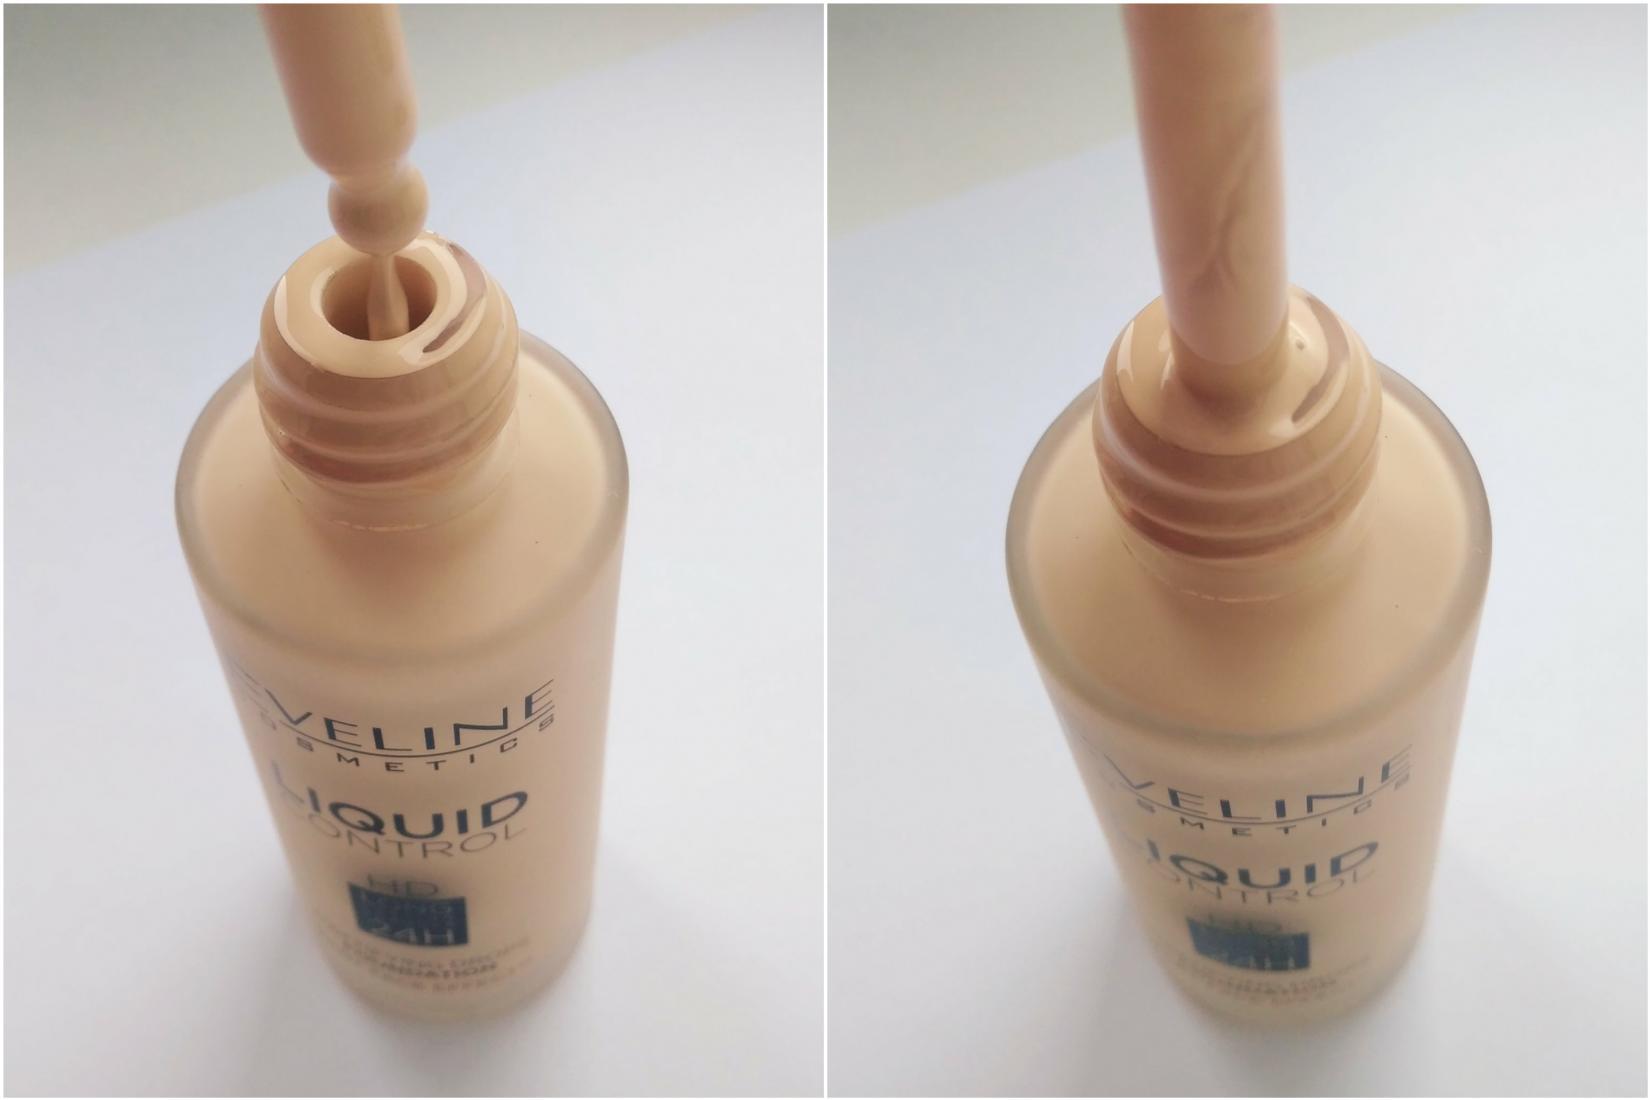 Жидкая тональная основа Eveline Liquid Control HD, 015 Light Vanilla - пипетка